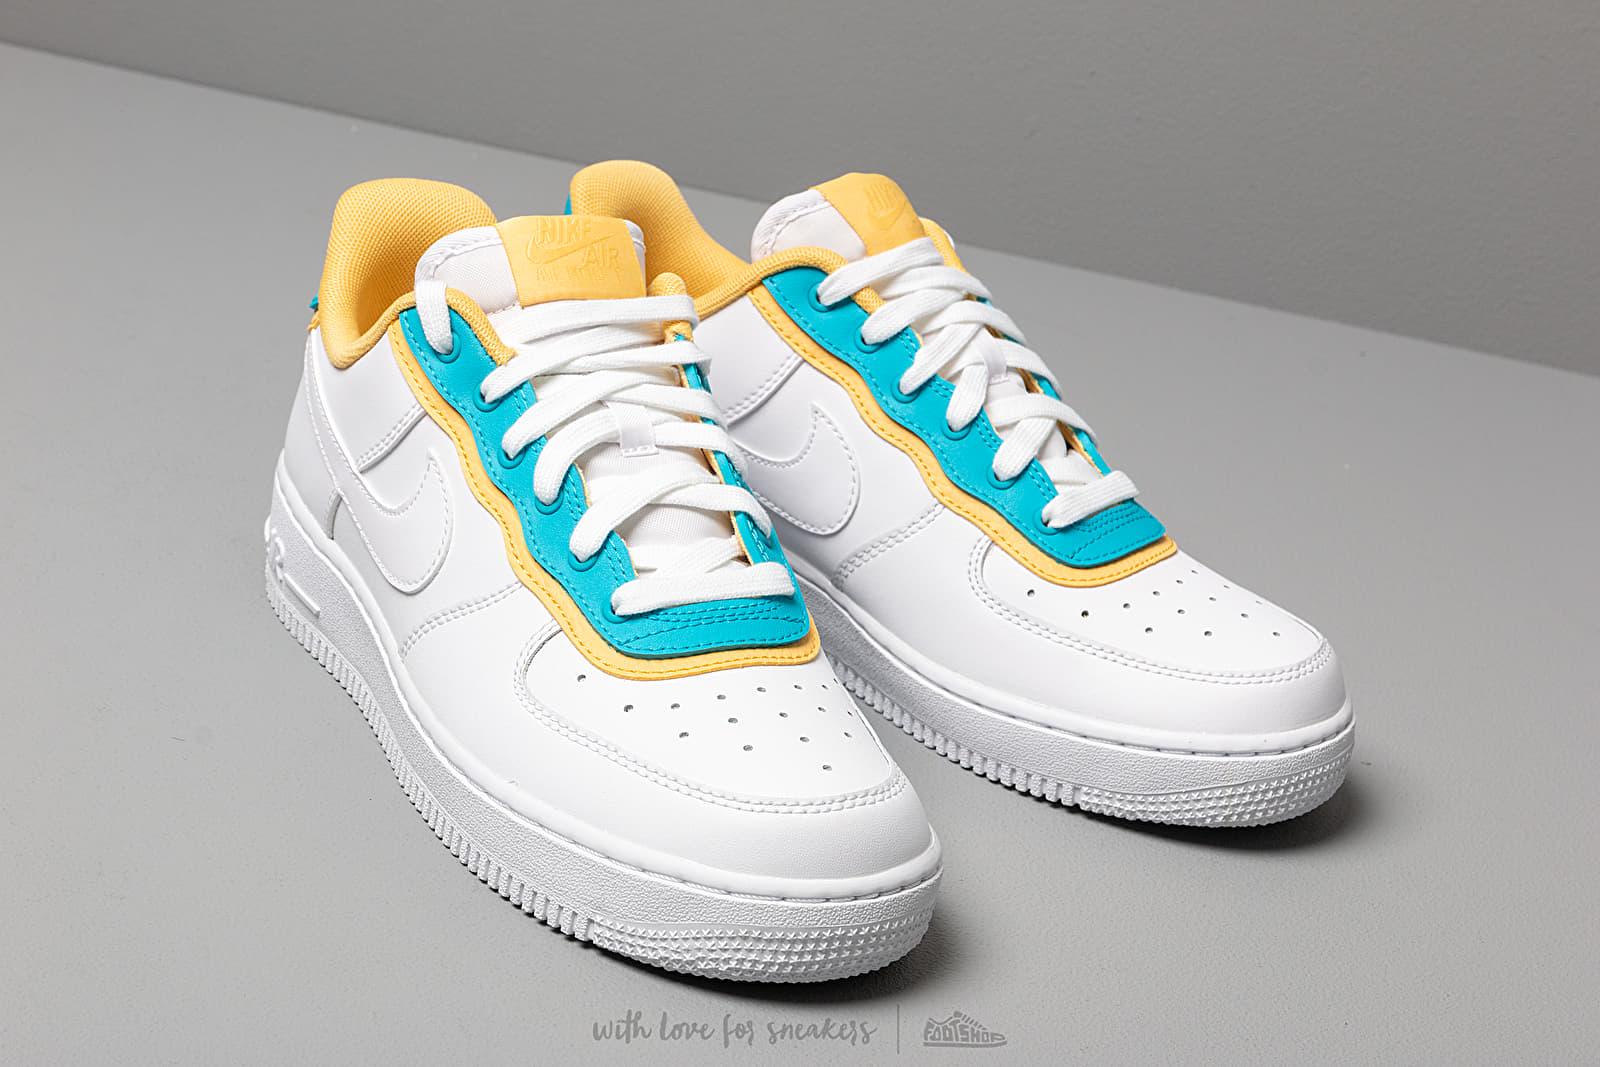 Rabatt Nike Air Max 1 SE Sneaker SchwarzBlau FuryWeiß